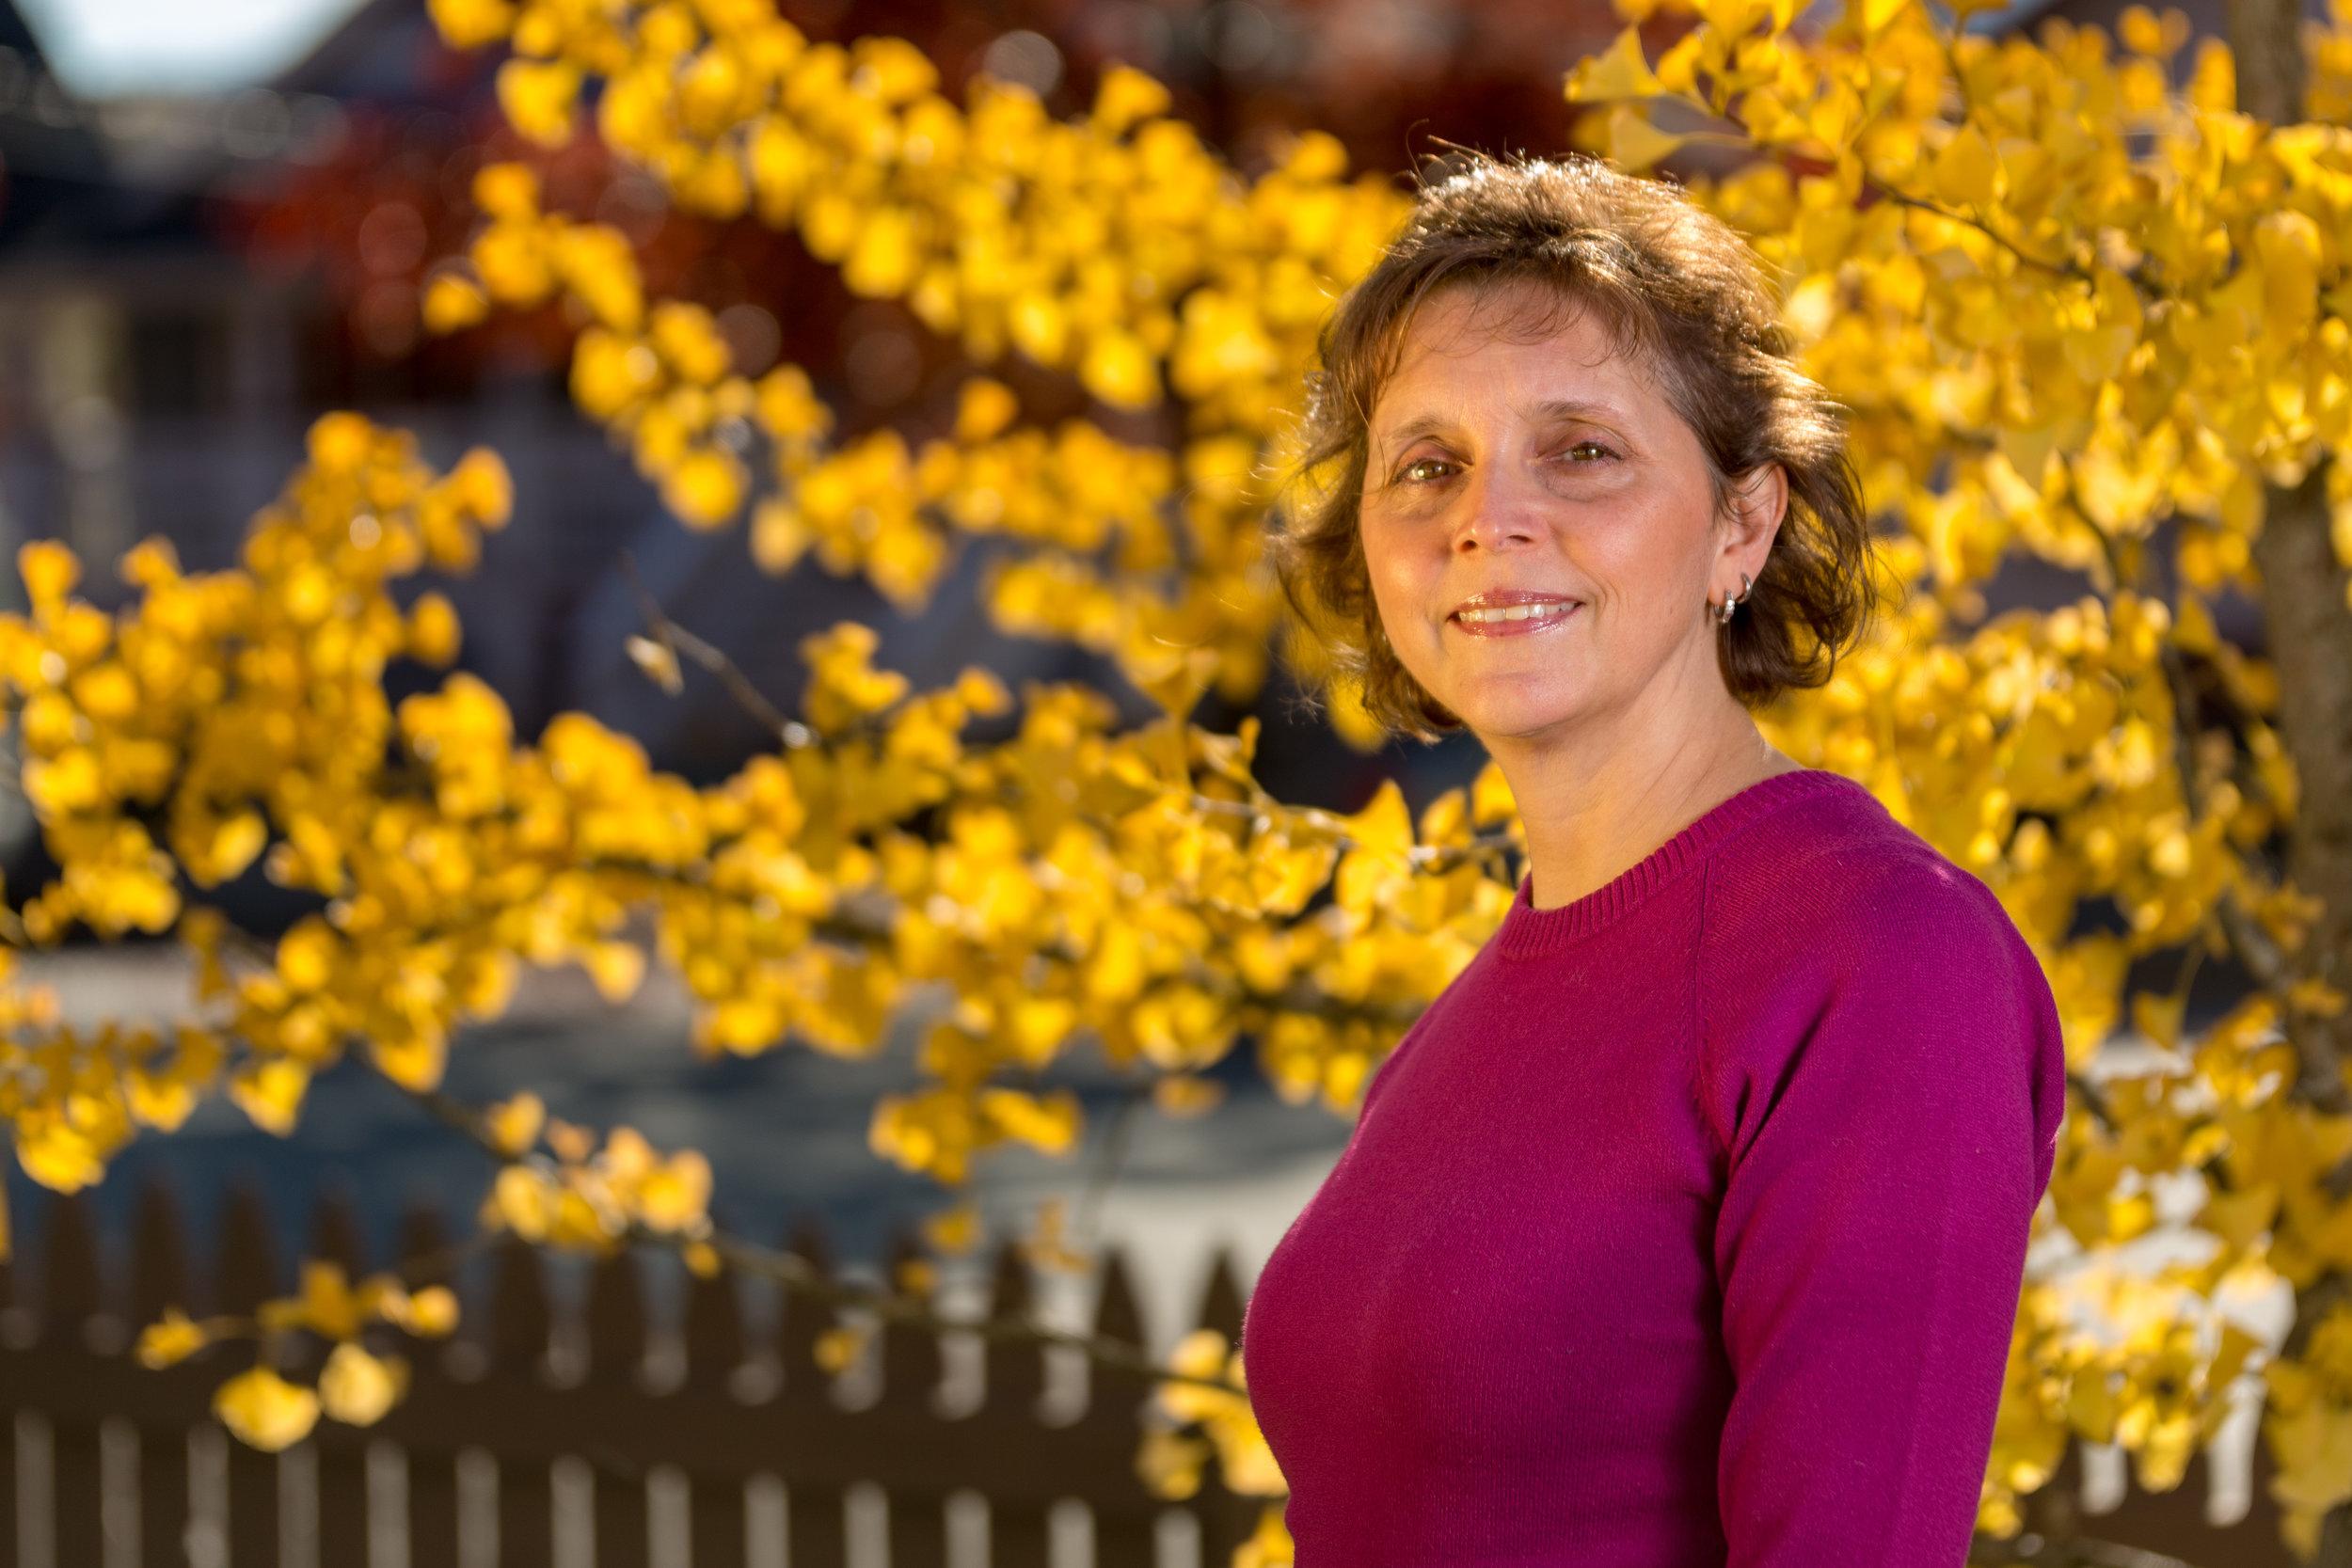 Pamela Schneider Conveyancer - pam@dclarkstone.ca